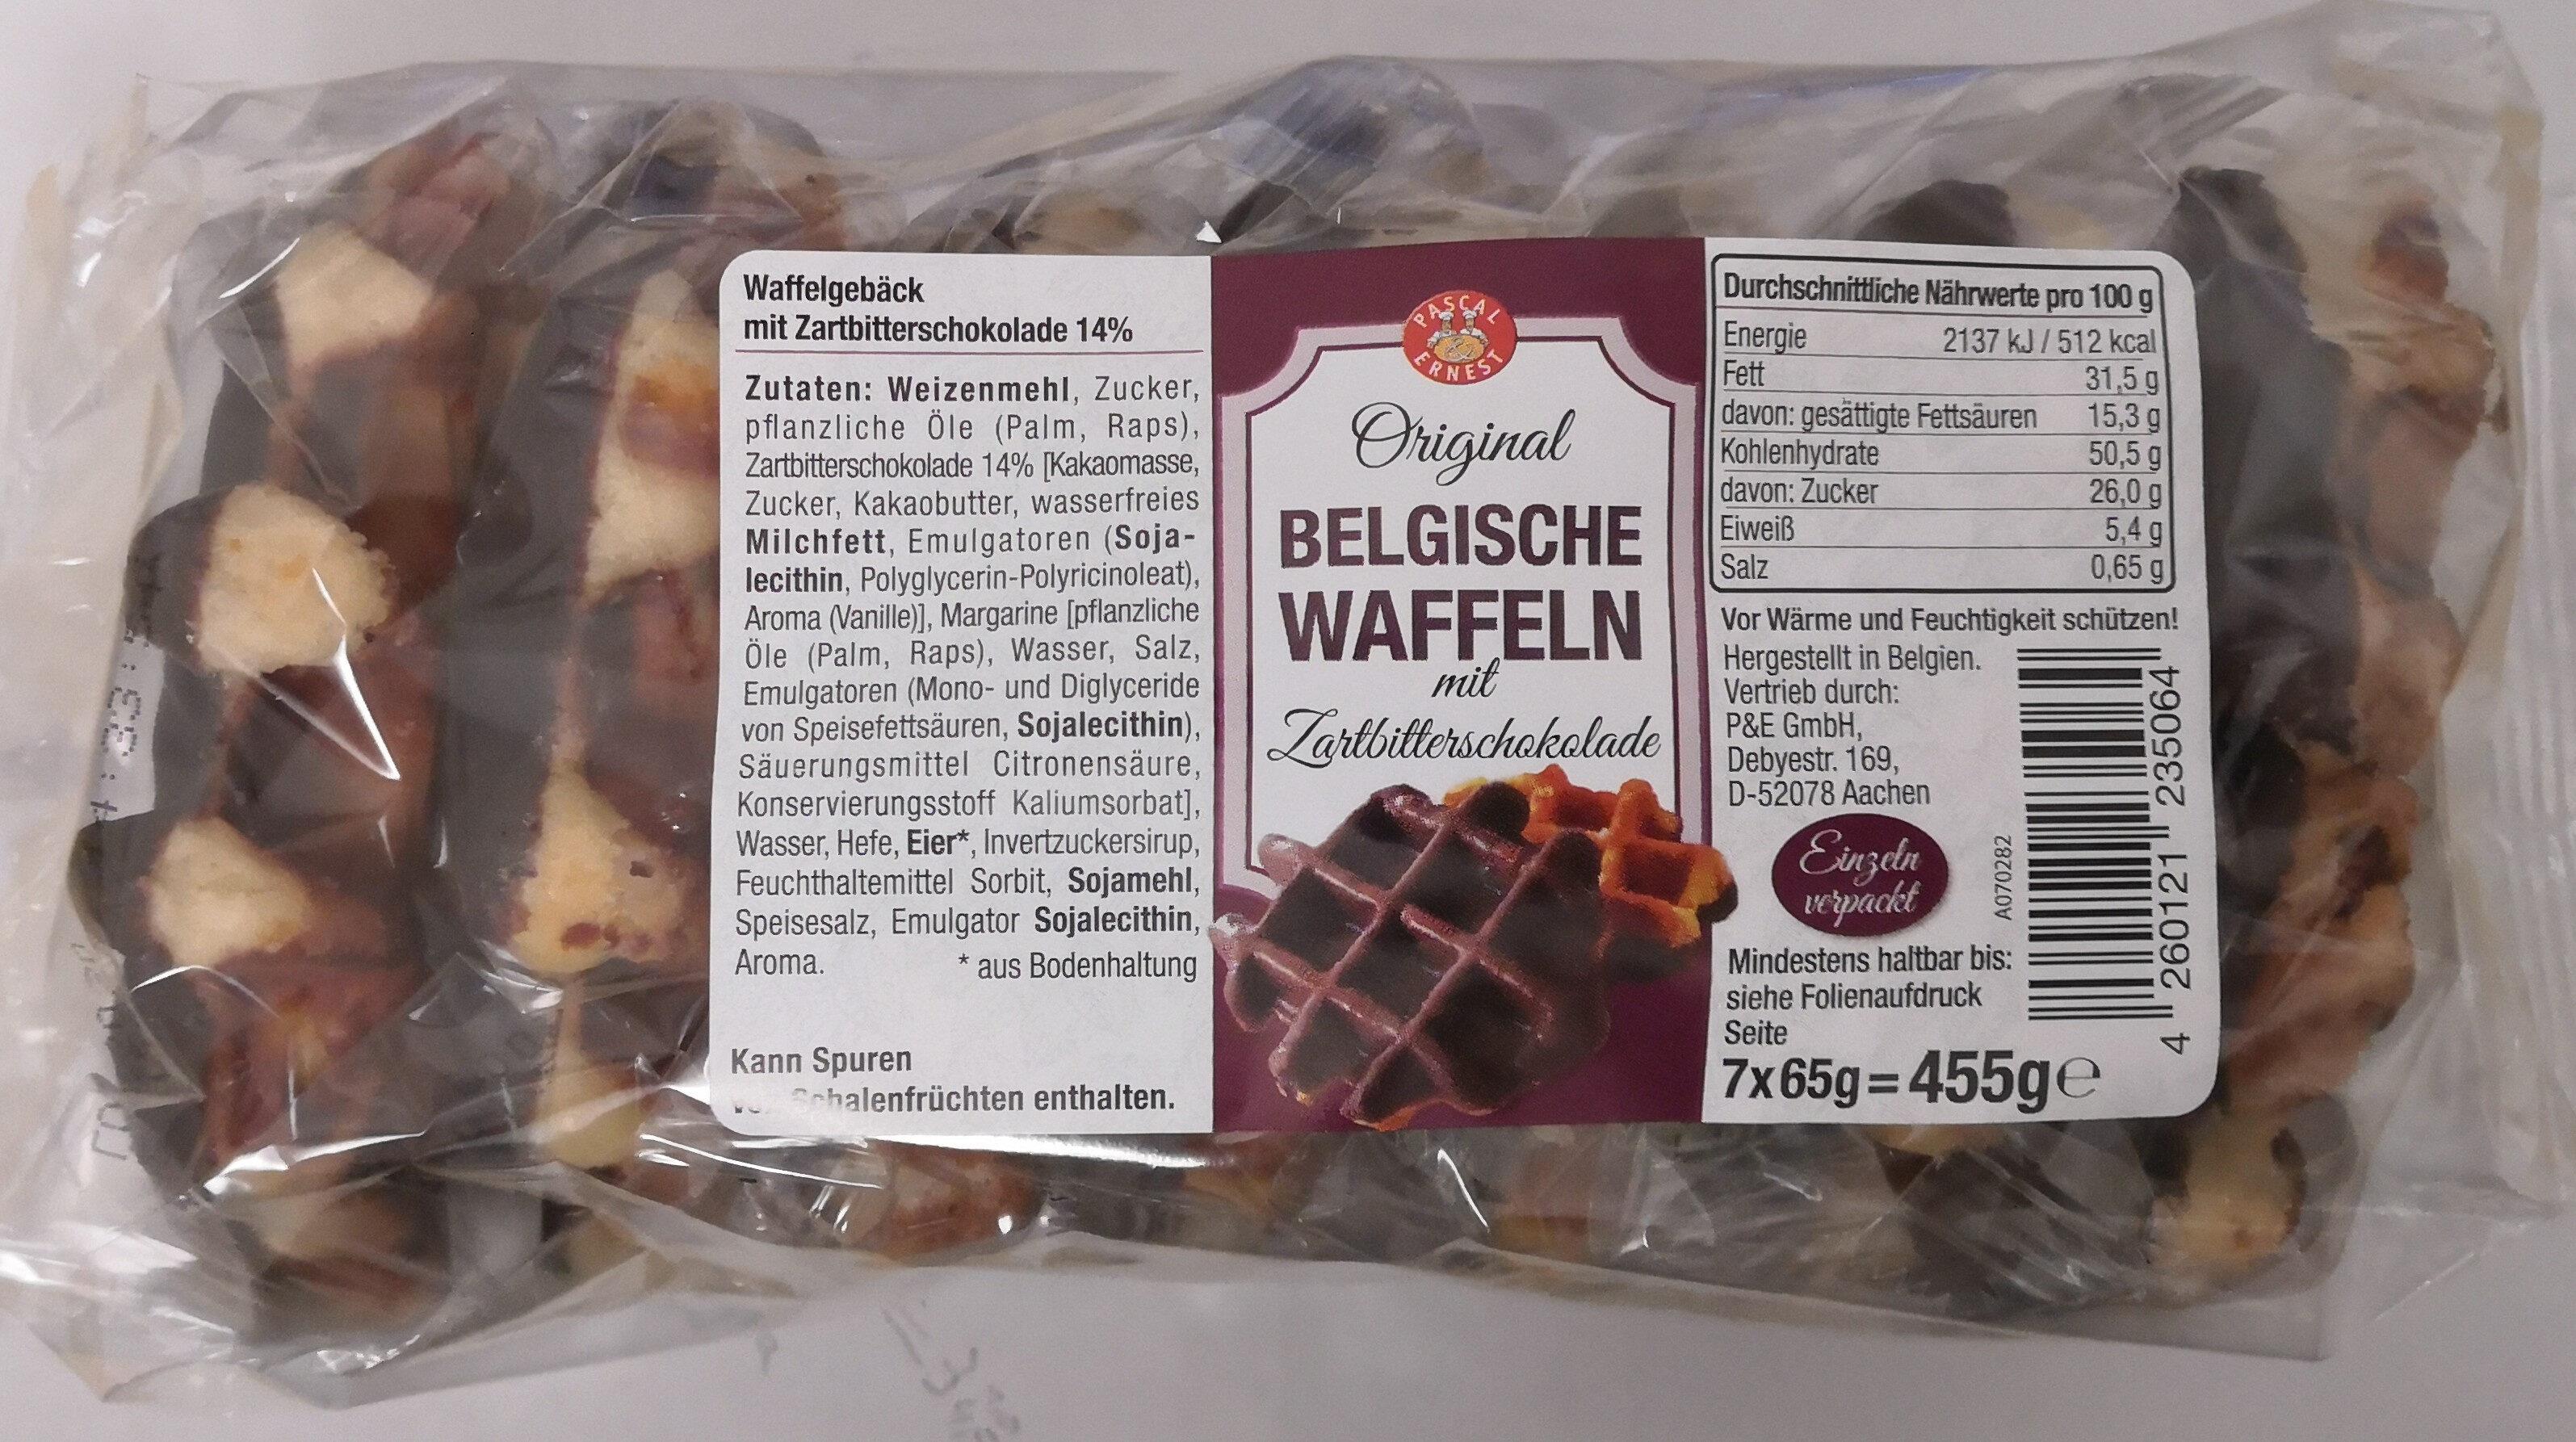 Pascal & Ernest Belgische Waffeln mit Zartbitterschokolade - Produkt